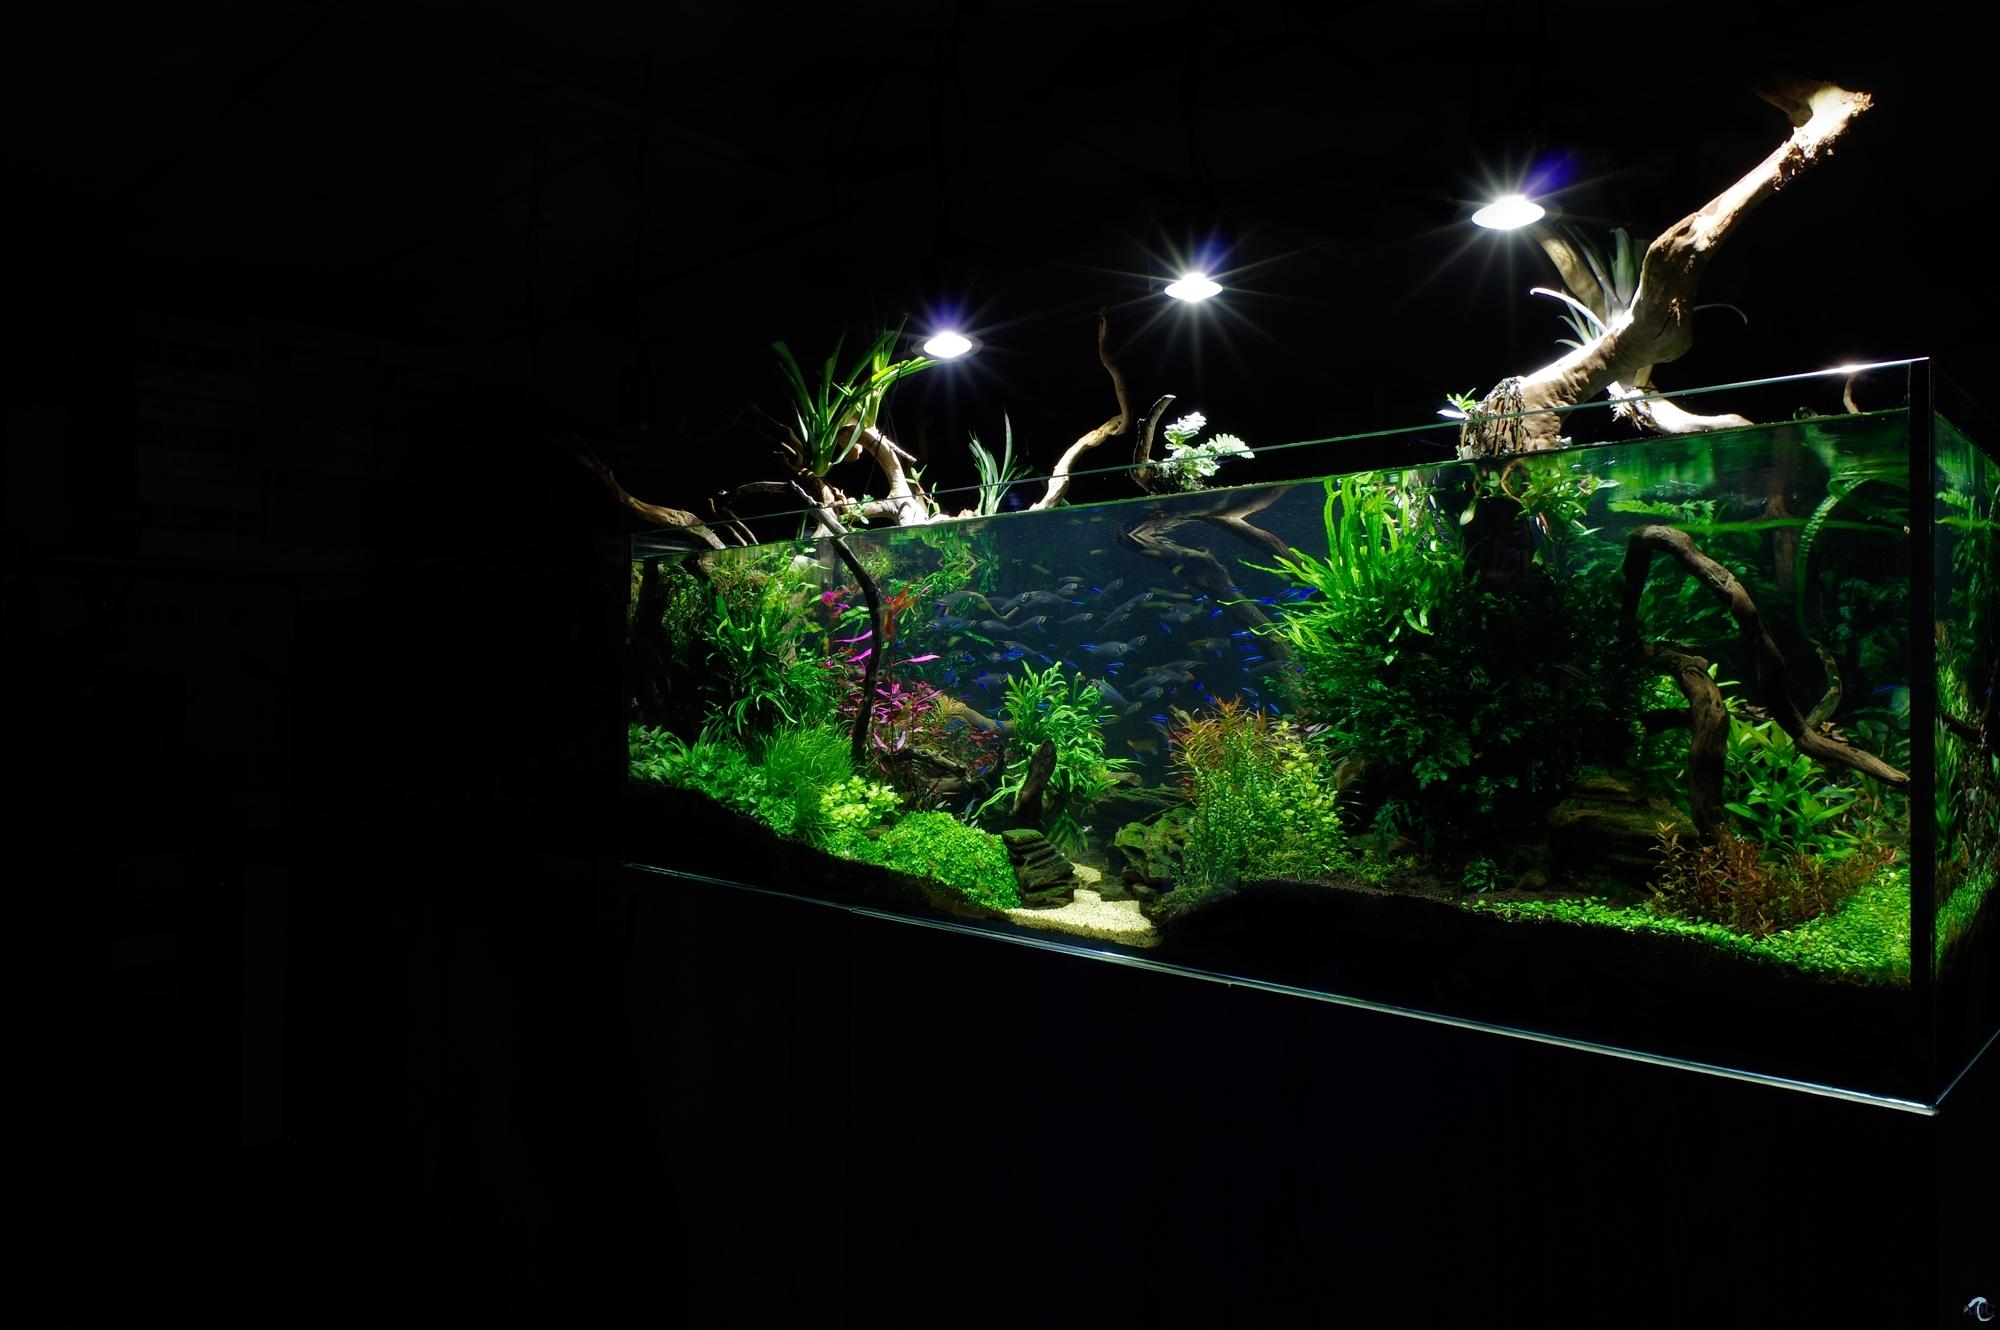 aquatic design centre. Black Bedroom Furniture Sets. Home Design Ideas